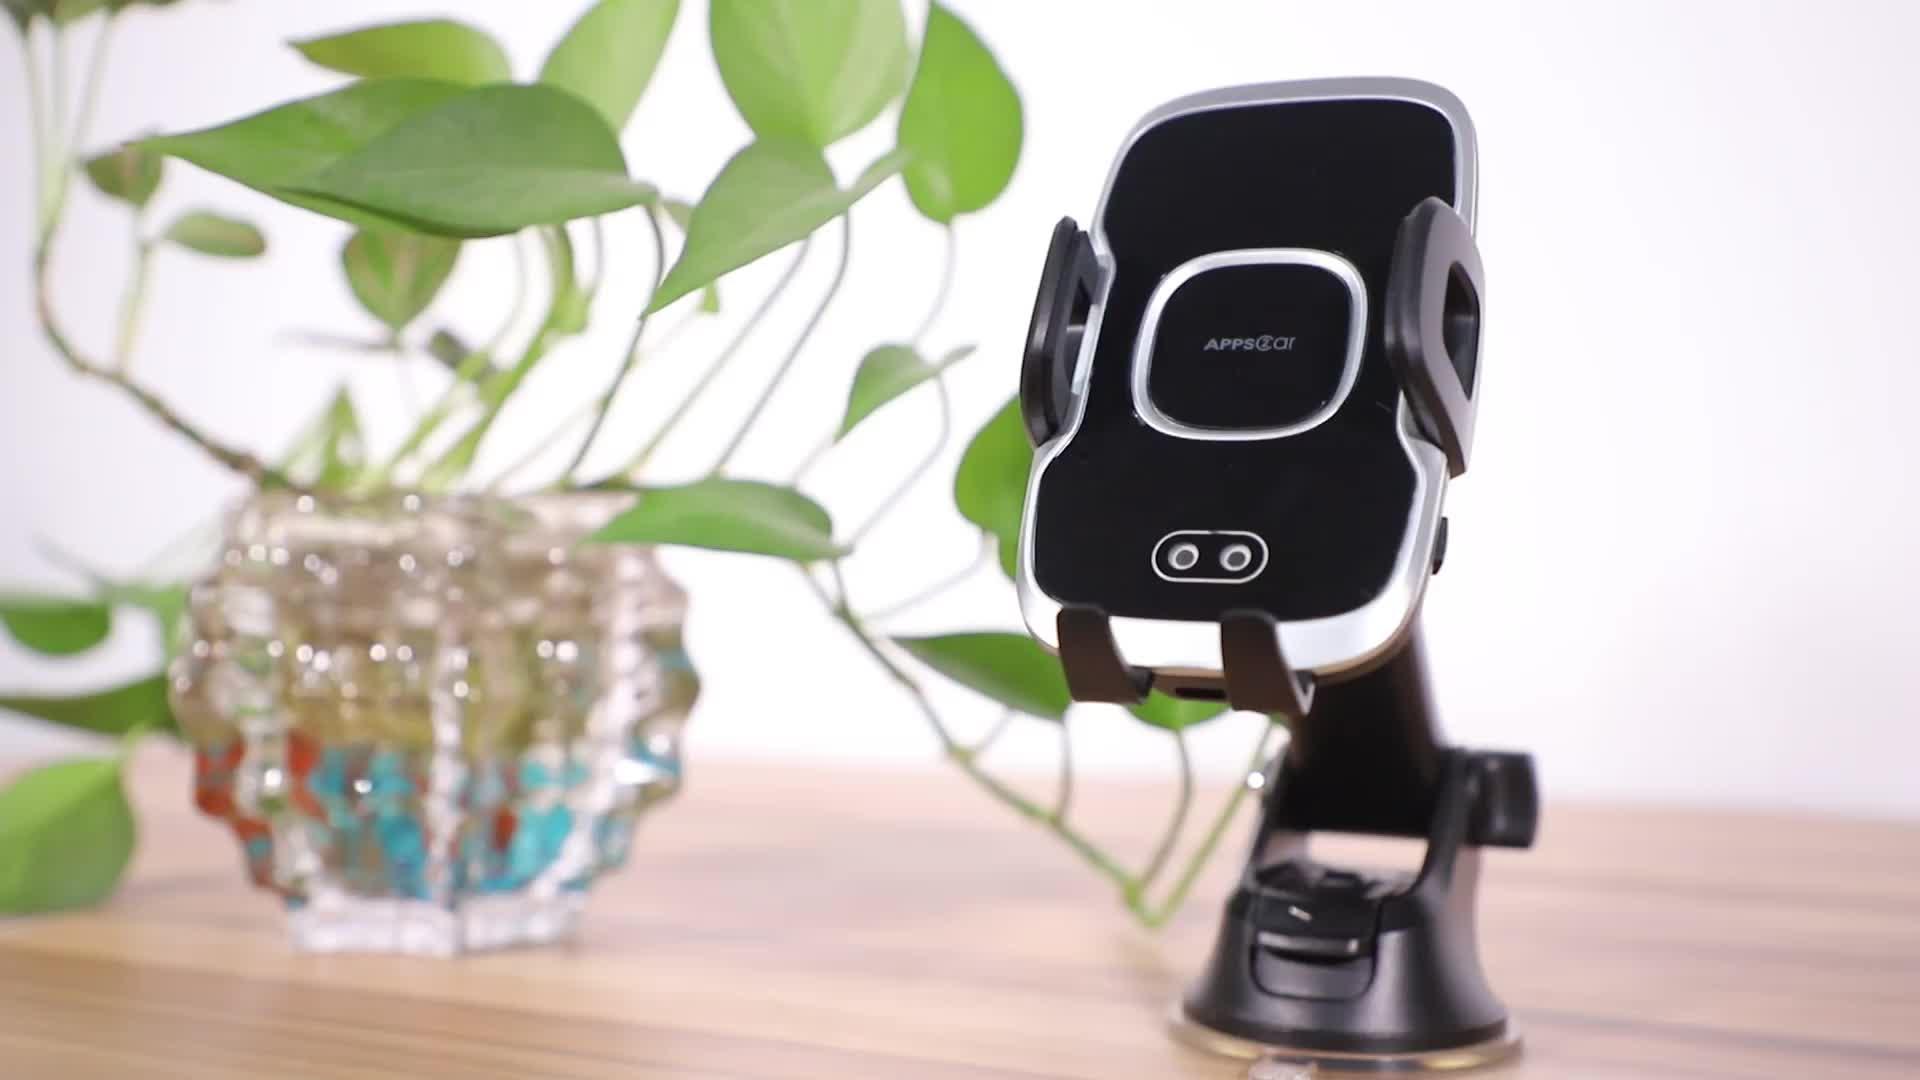 Infrarouge chaud Serrage Automatique Chargeur De Voiture Sans Fil 15W charge rapide Support D'aération 360 Rotation Charge Montage